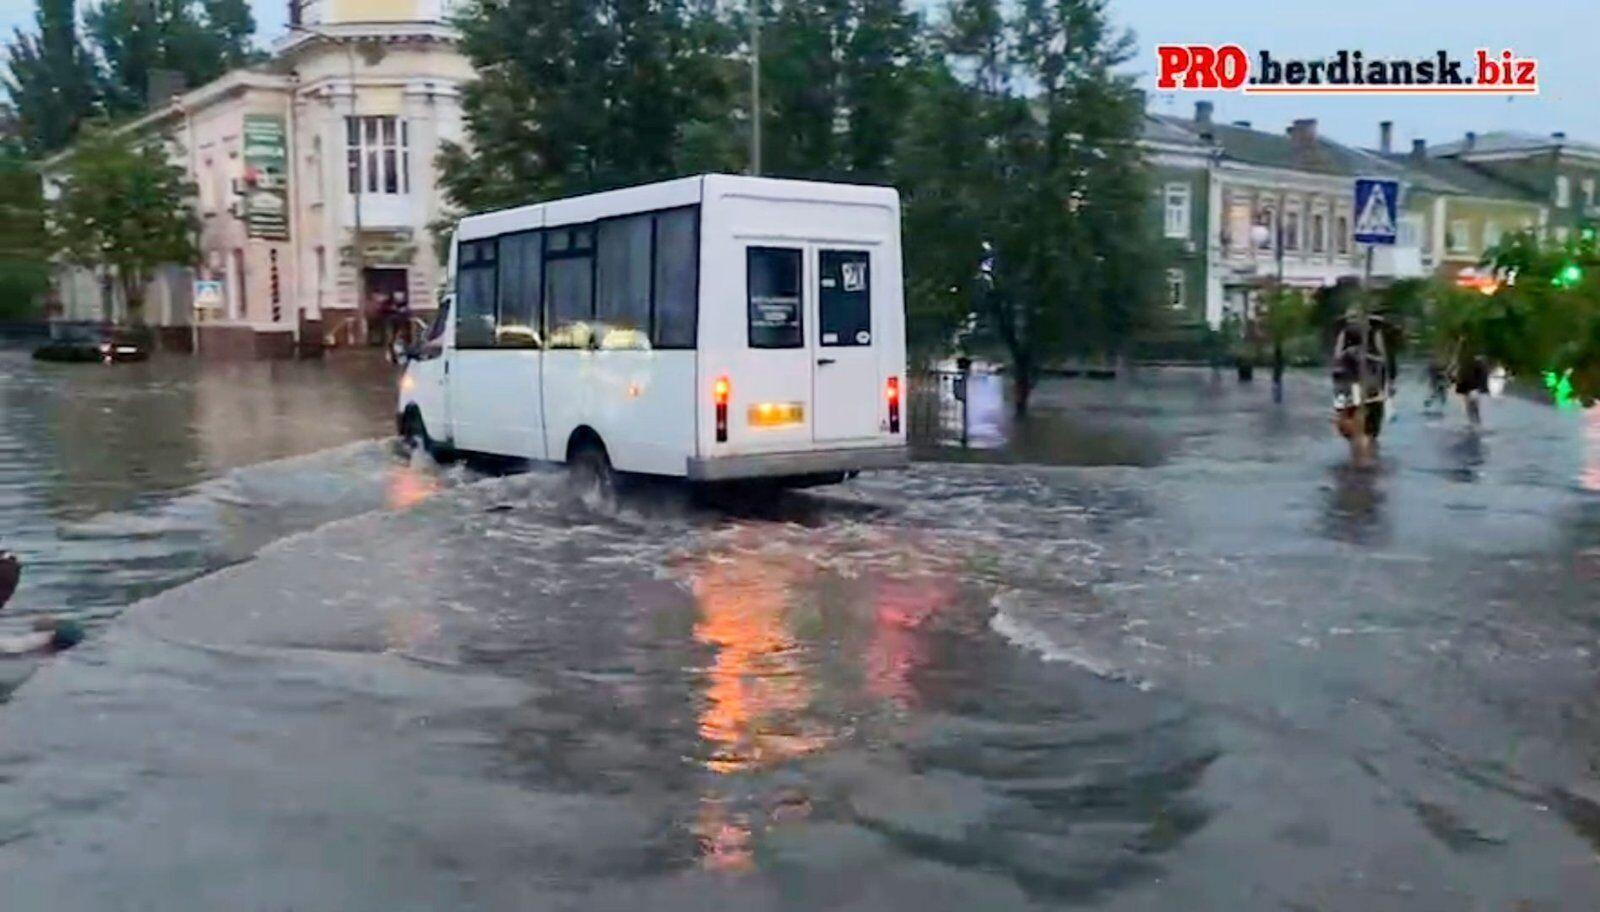 Бердянськ затопило після дощу